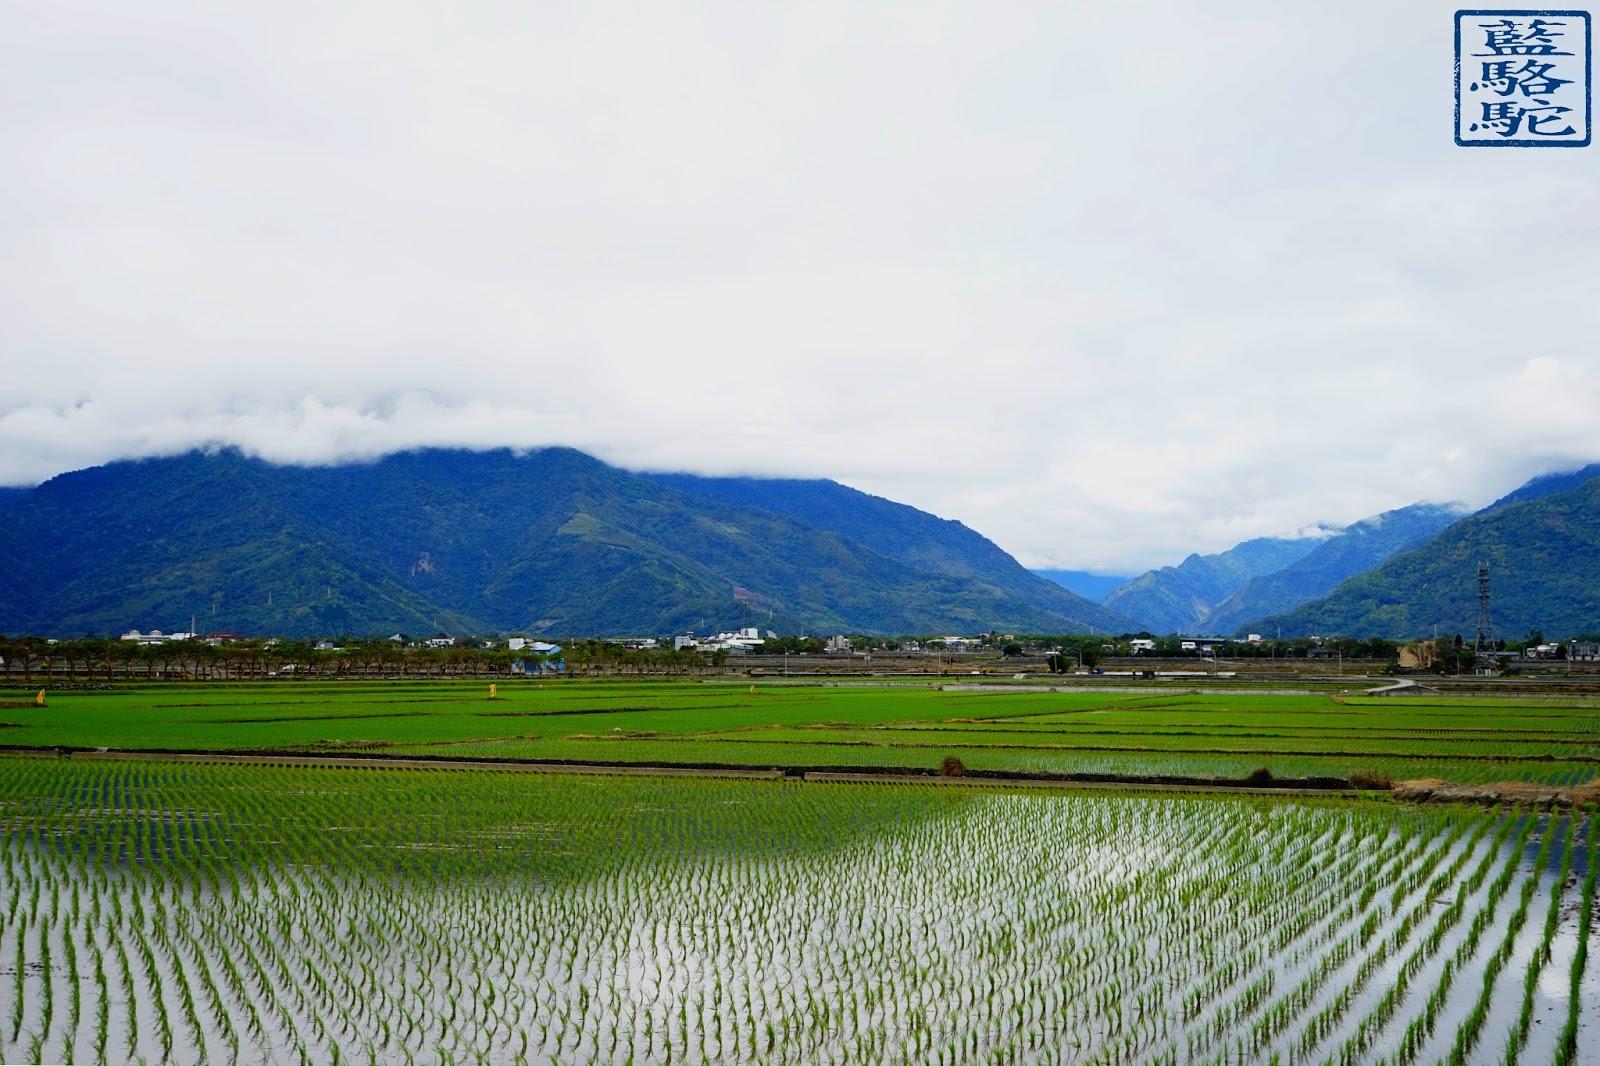 Le Chameau Bleu -Blog Voyage Taitung Taiwan - Les rizières de Chishang - Balade à faire à taiwan